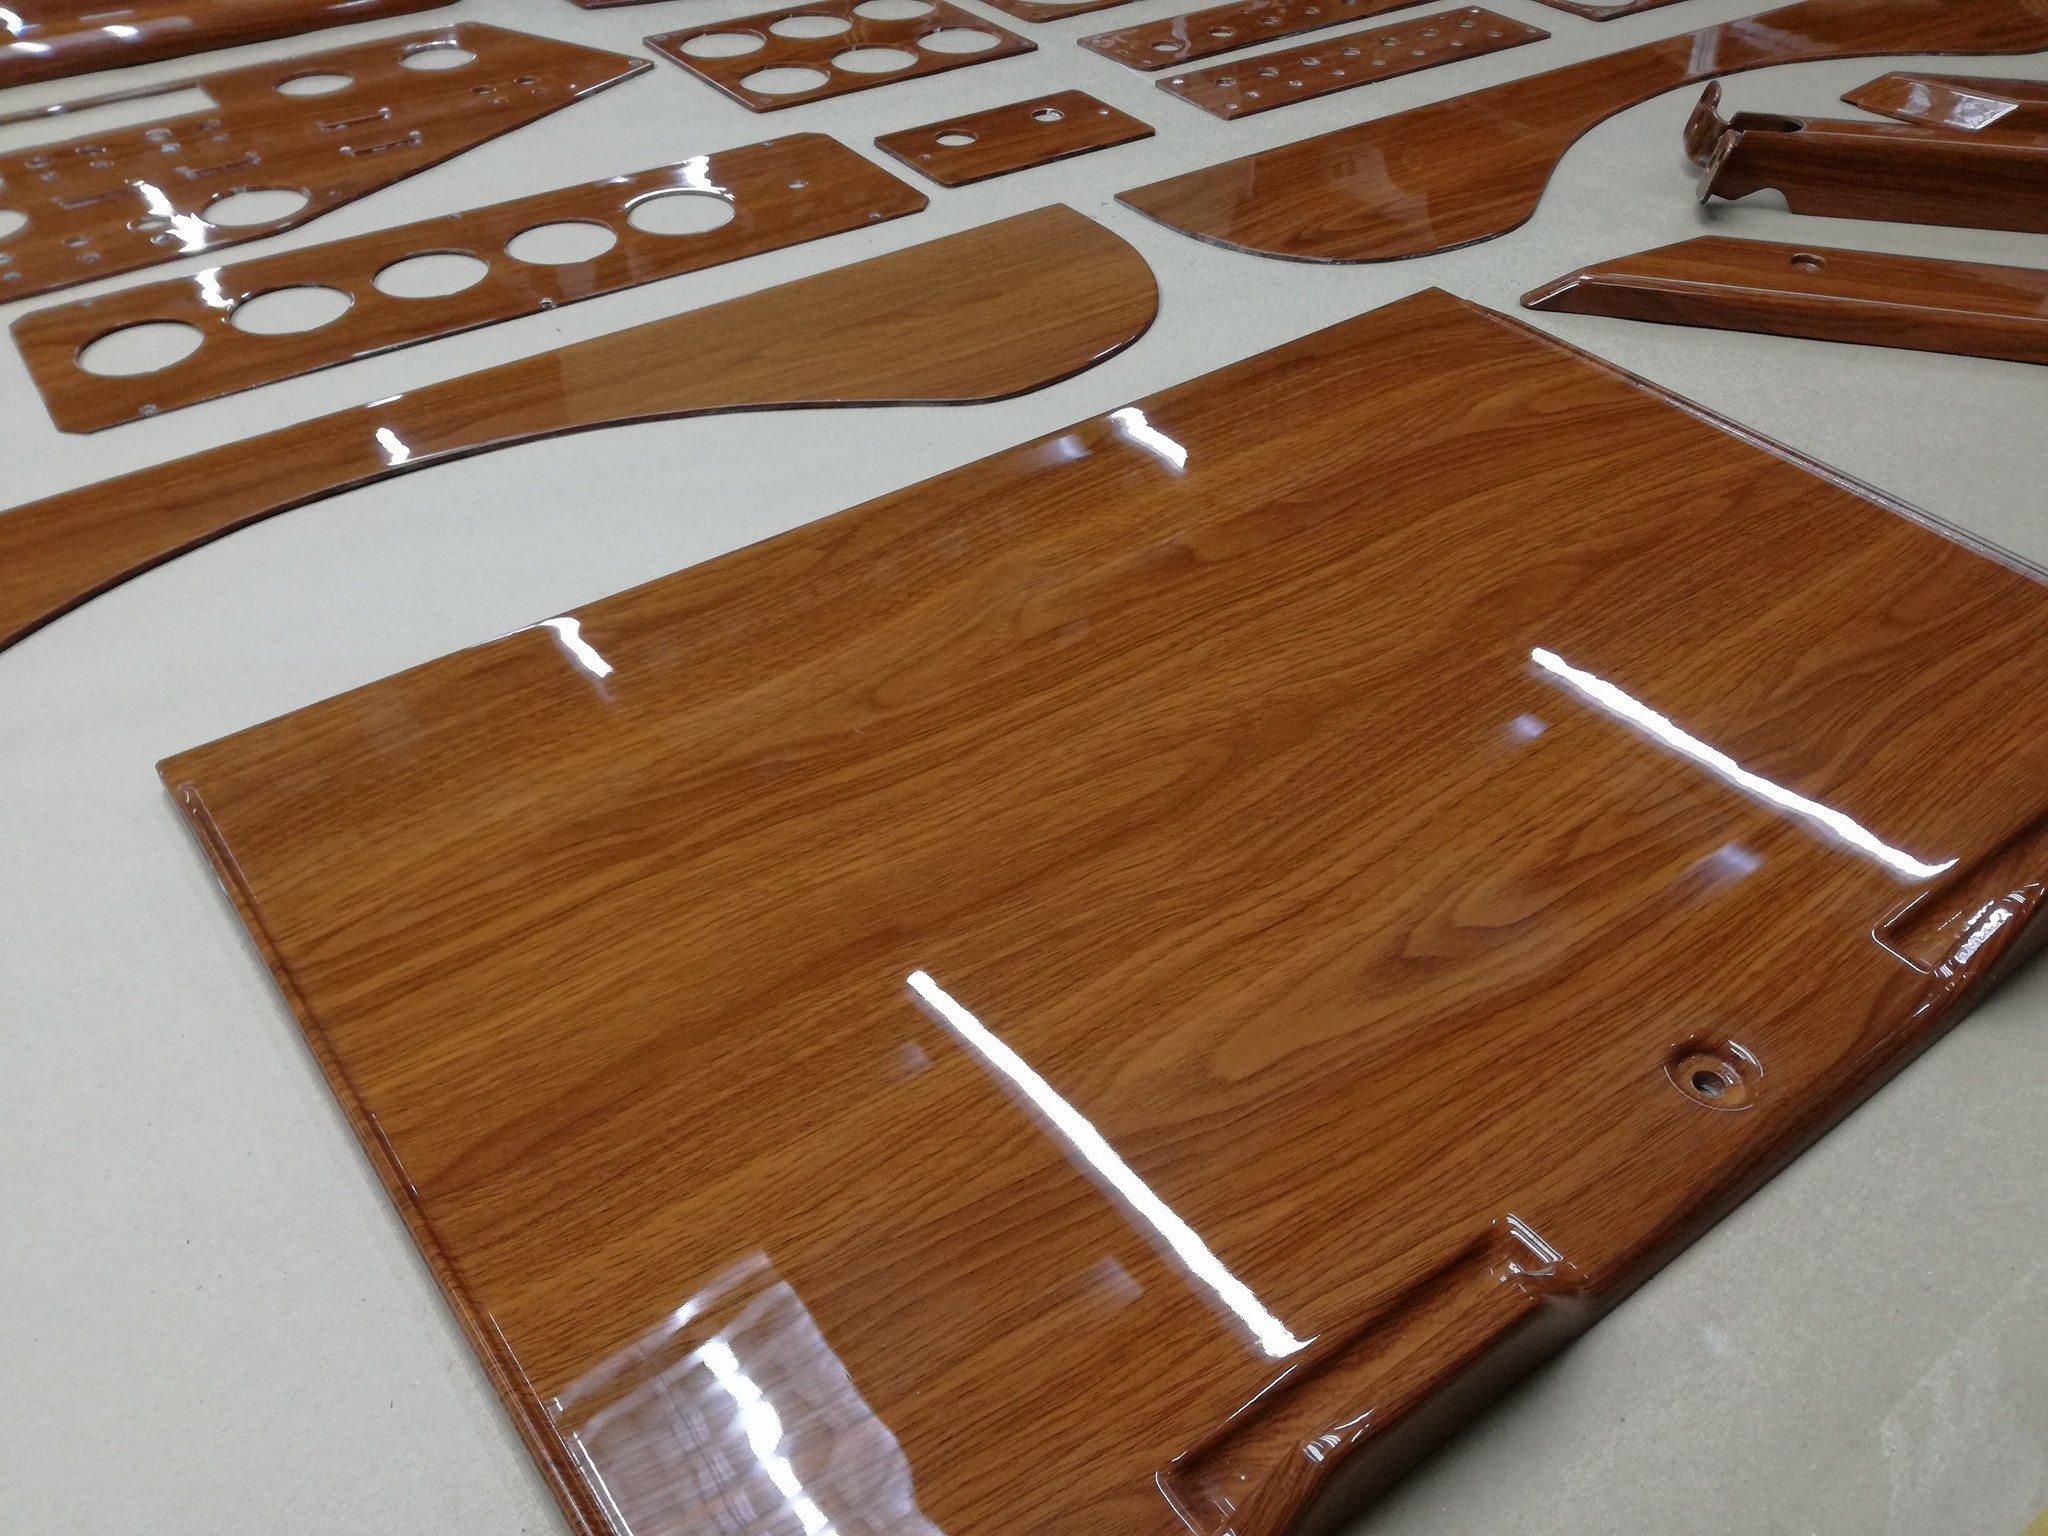 kenworth dashoard wood hydrodip hydrodipping www.fsb-dip.nl